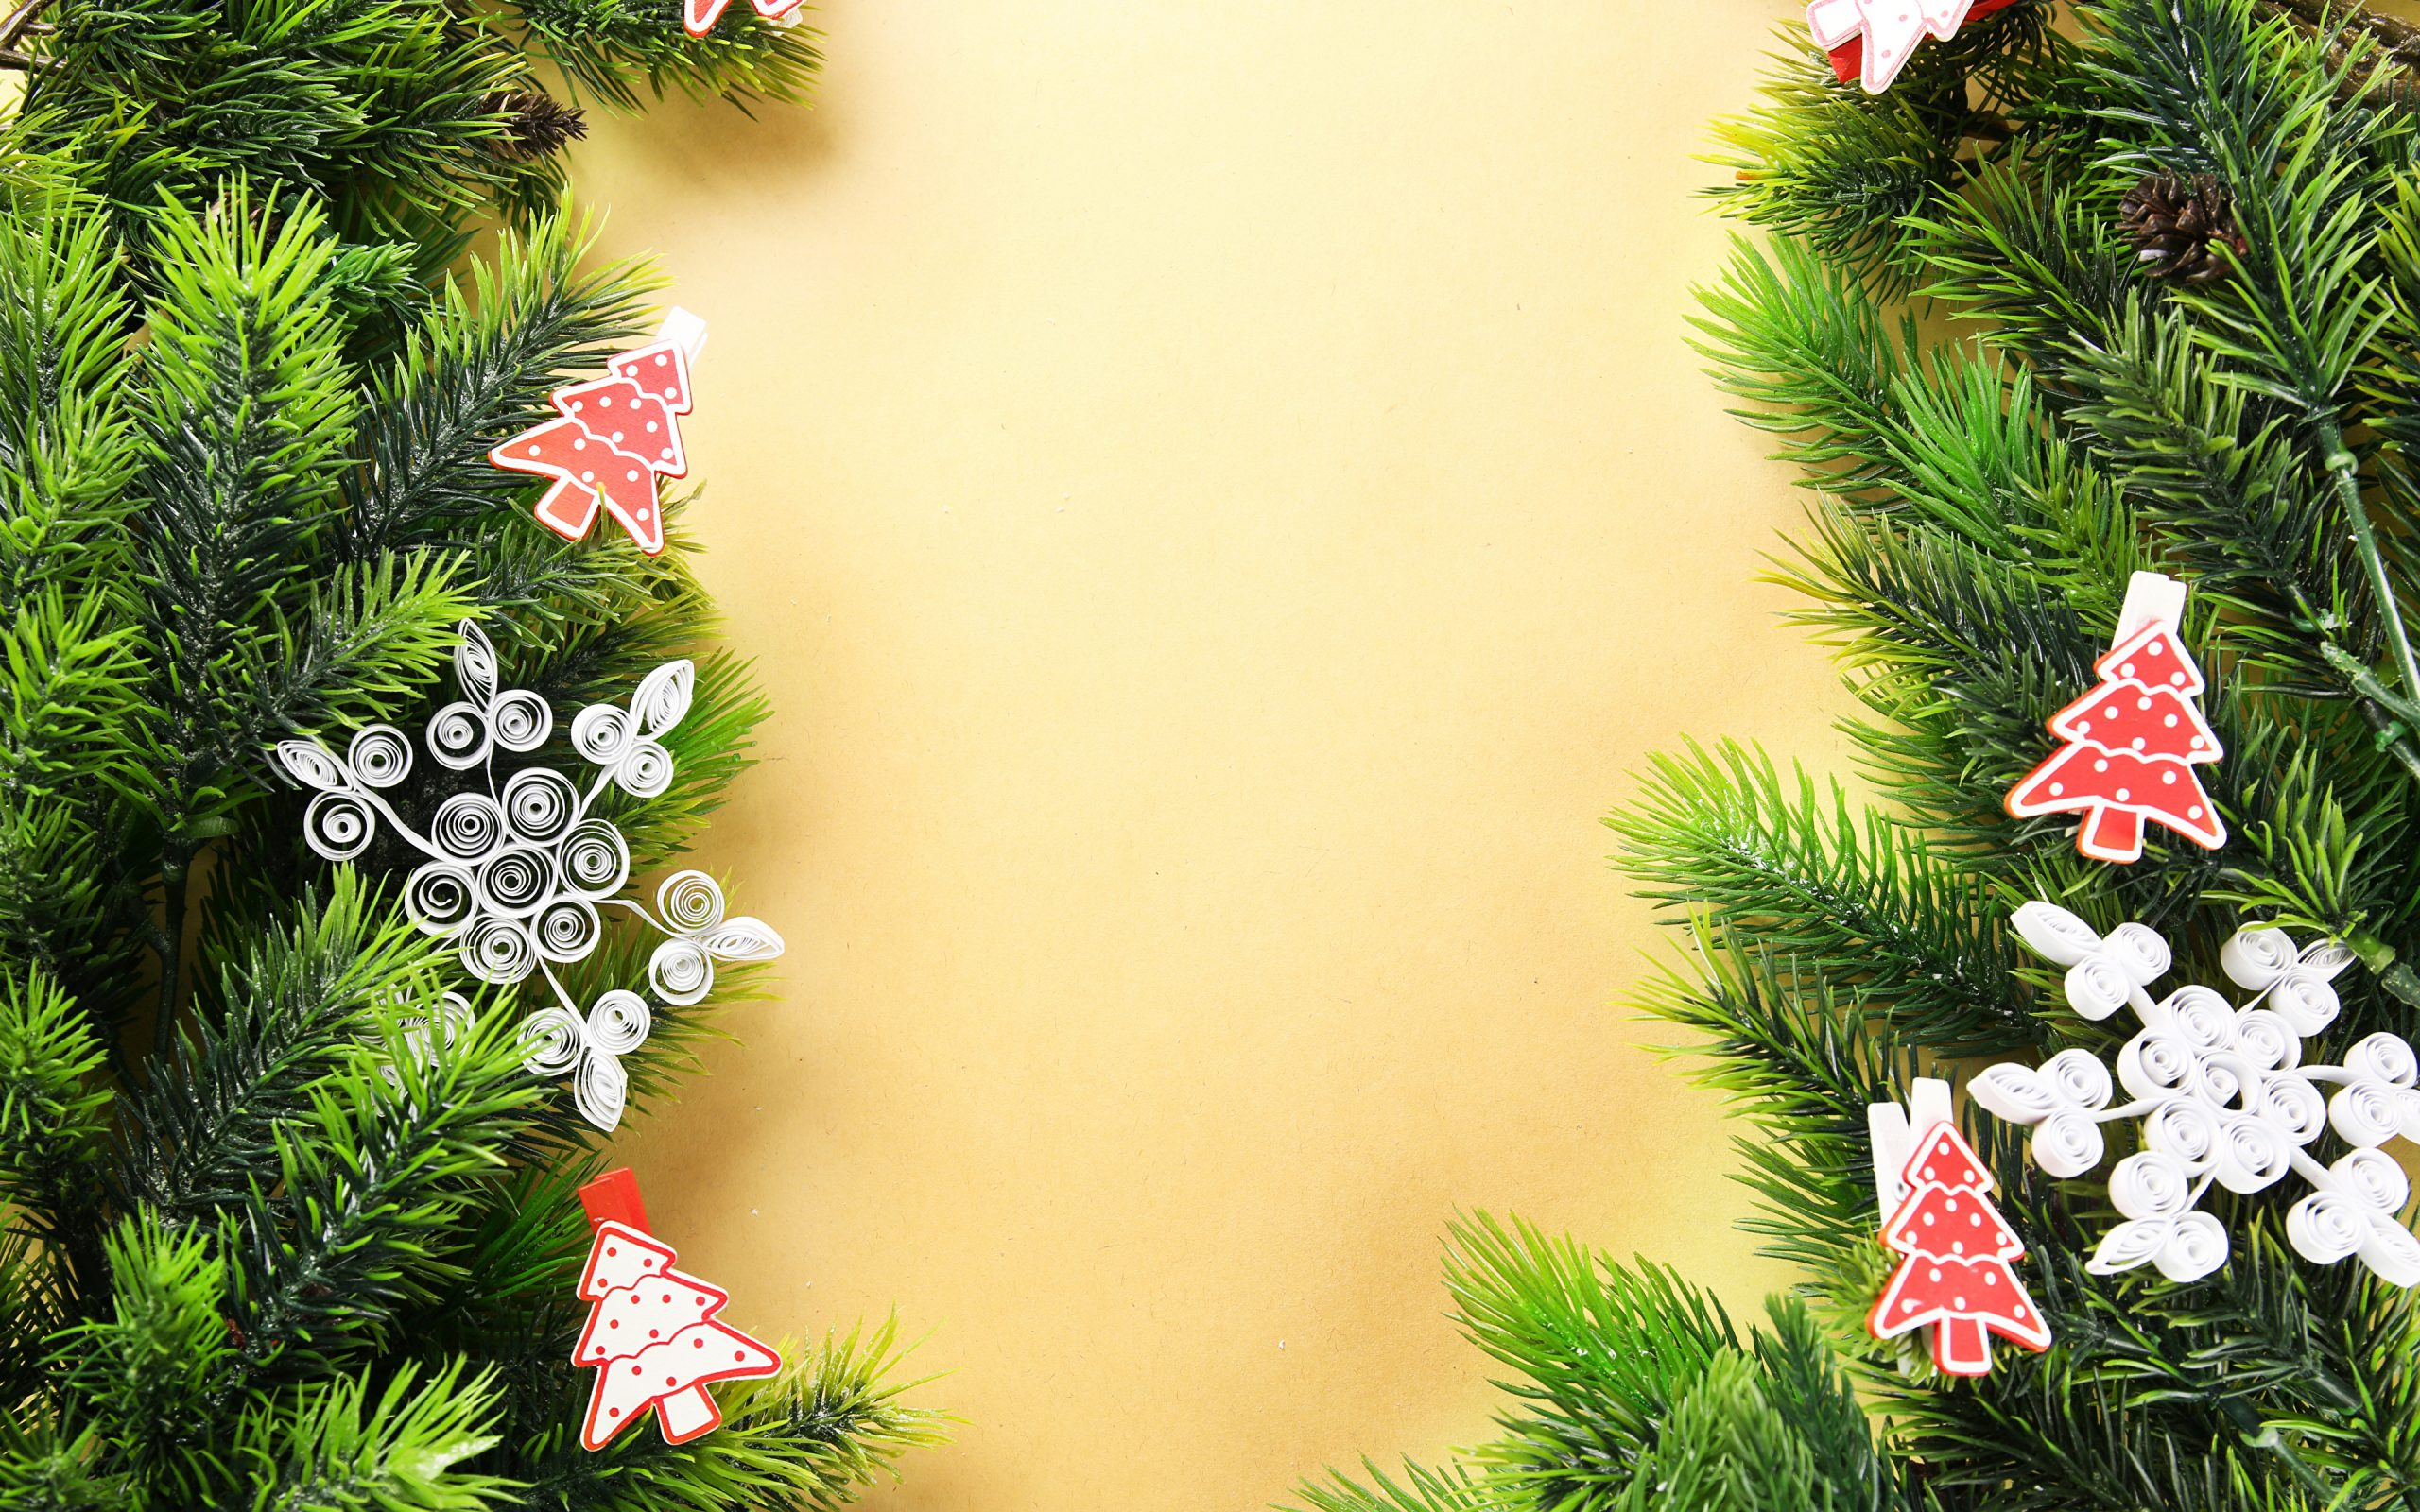 Fonds D'ecran 3840X2400 Nouvel An Jour Fériés Gabarit Carte avec Gabarit Sapin De Noel